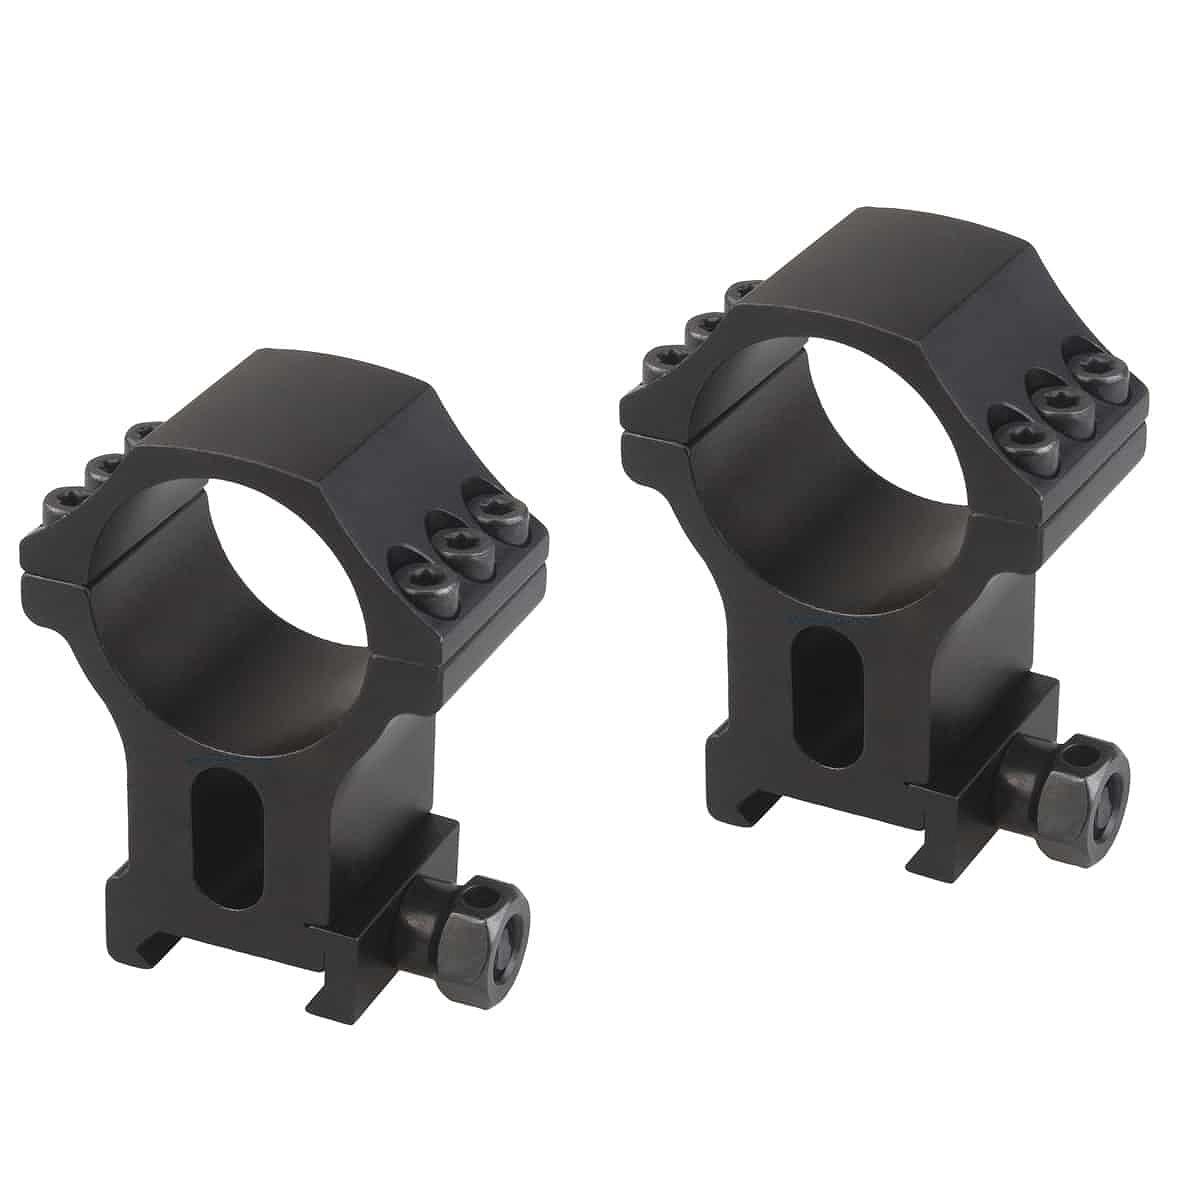 ベクターオプティクス スコープマウント 30mm X-Accu 1.5″Profile Picatinny Rings  Vector Optics SCTM-35